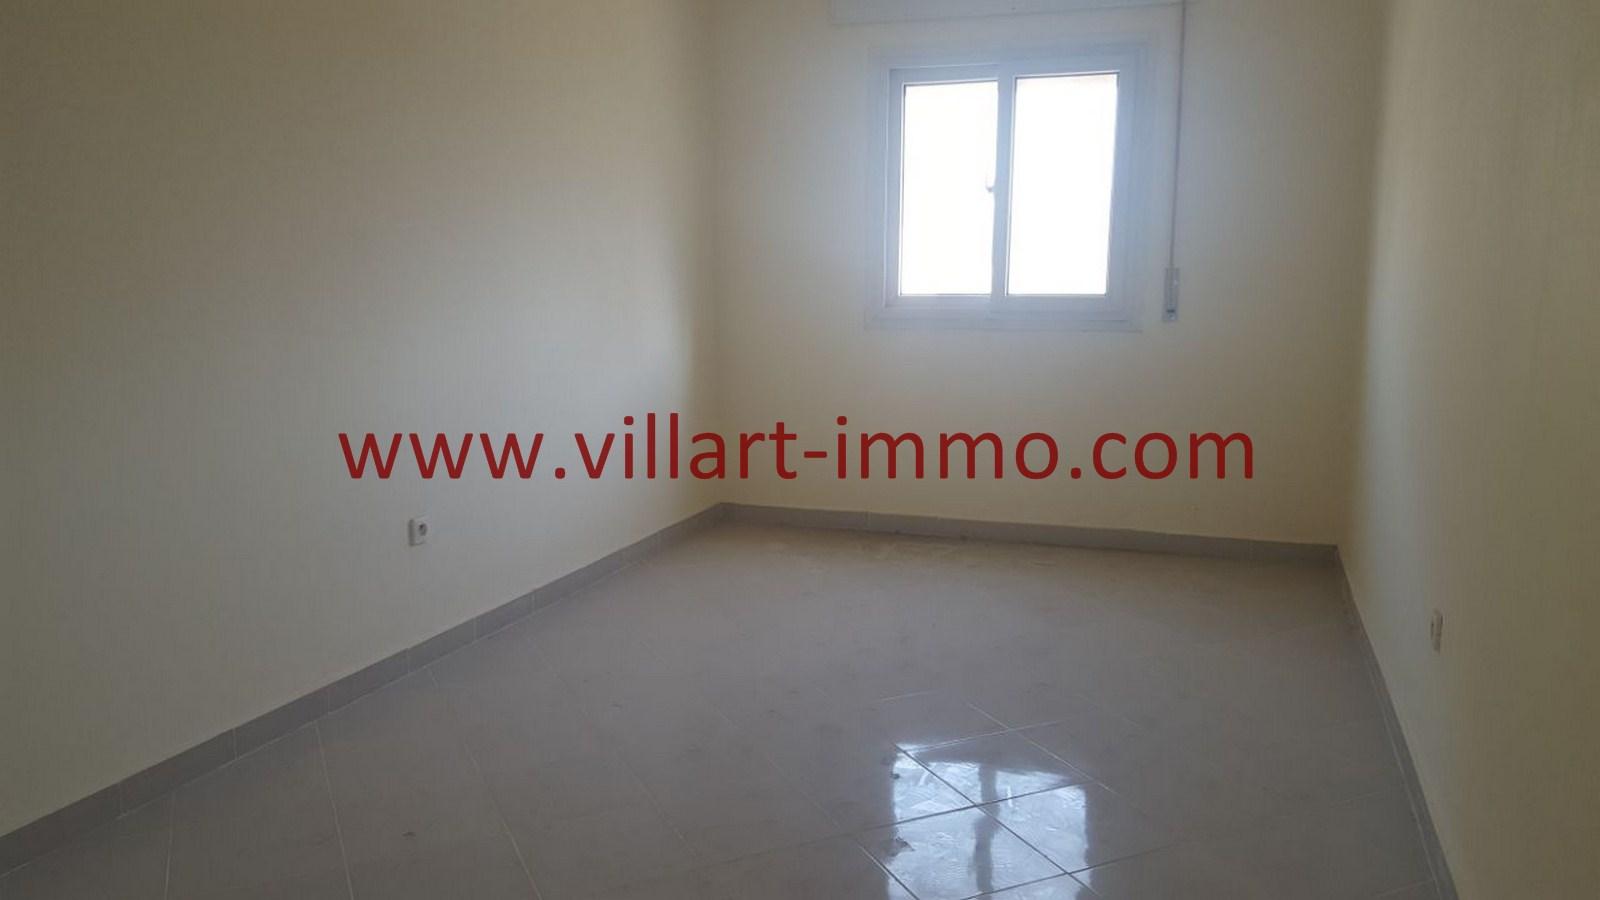 3-Vente-Appartement-Tanger-Mojahidine -Chambre 2-VA485-Villart Immo